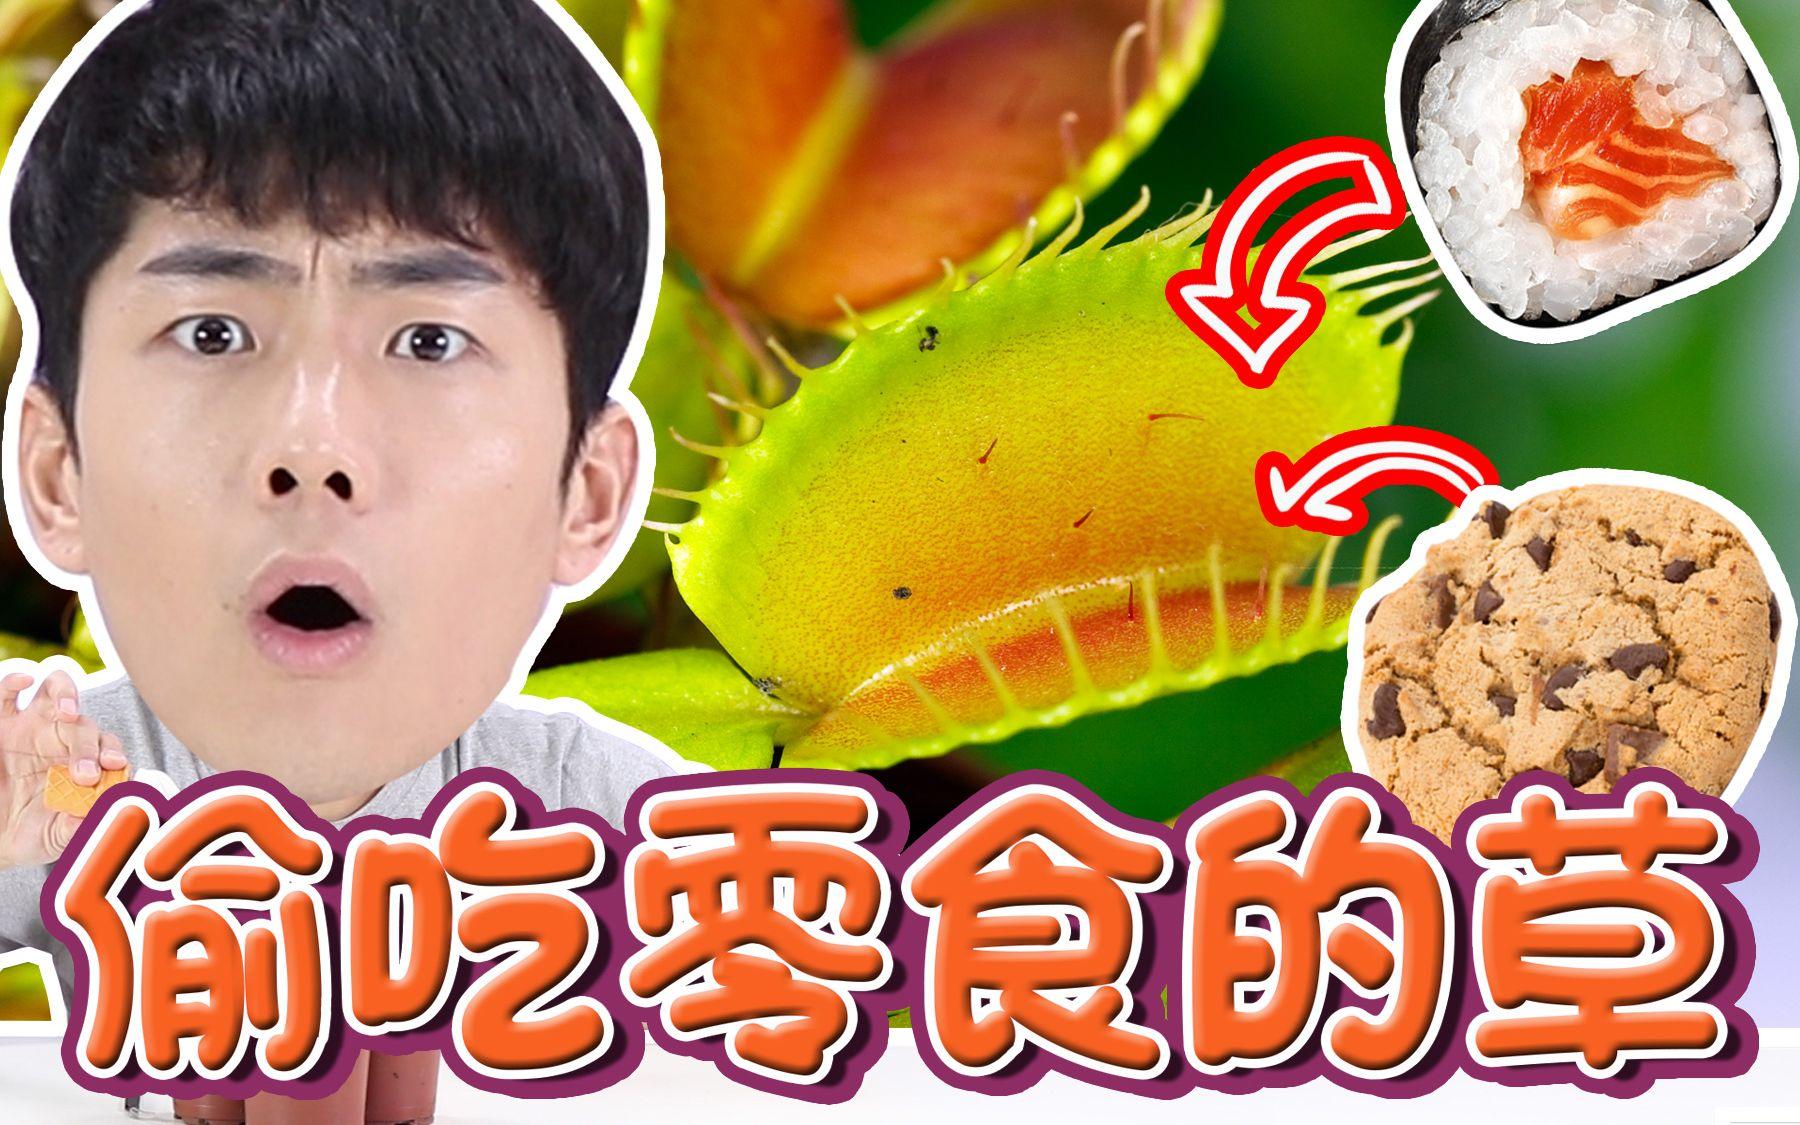 坤坤的神奇朋友是会吃零食的植物?!